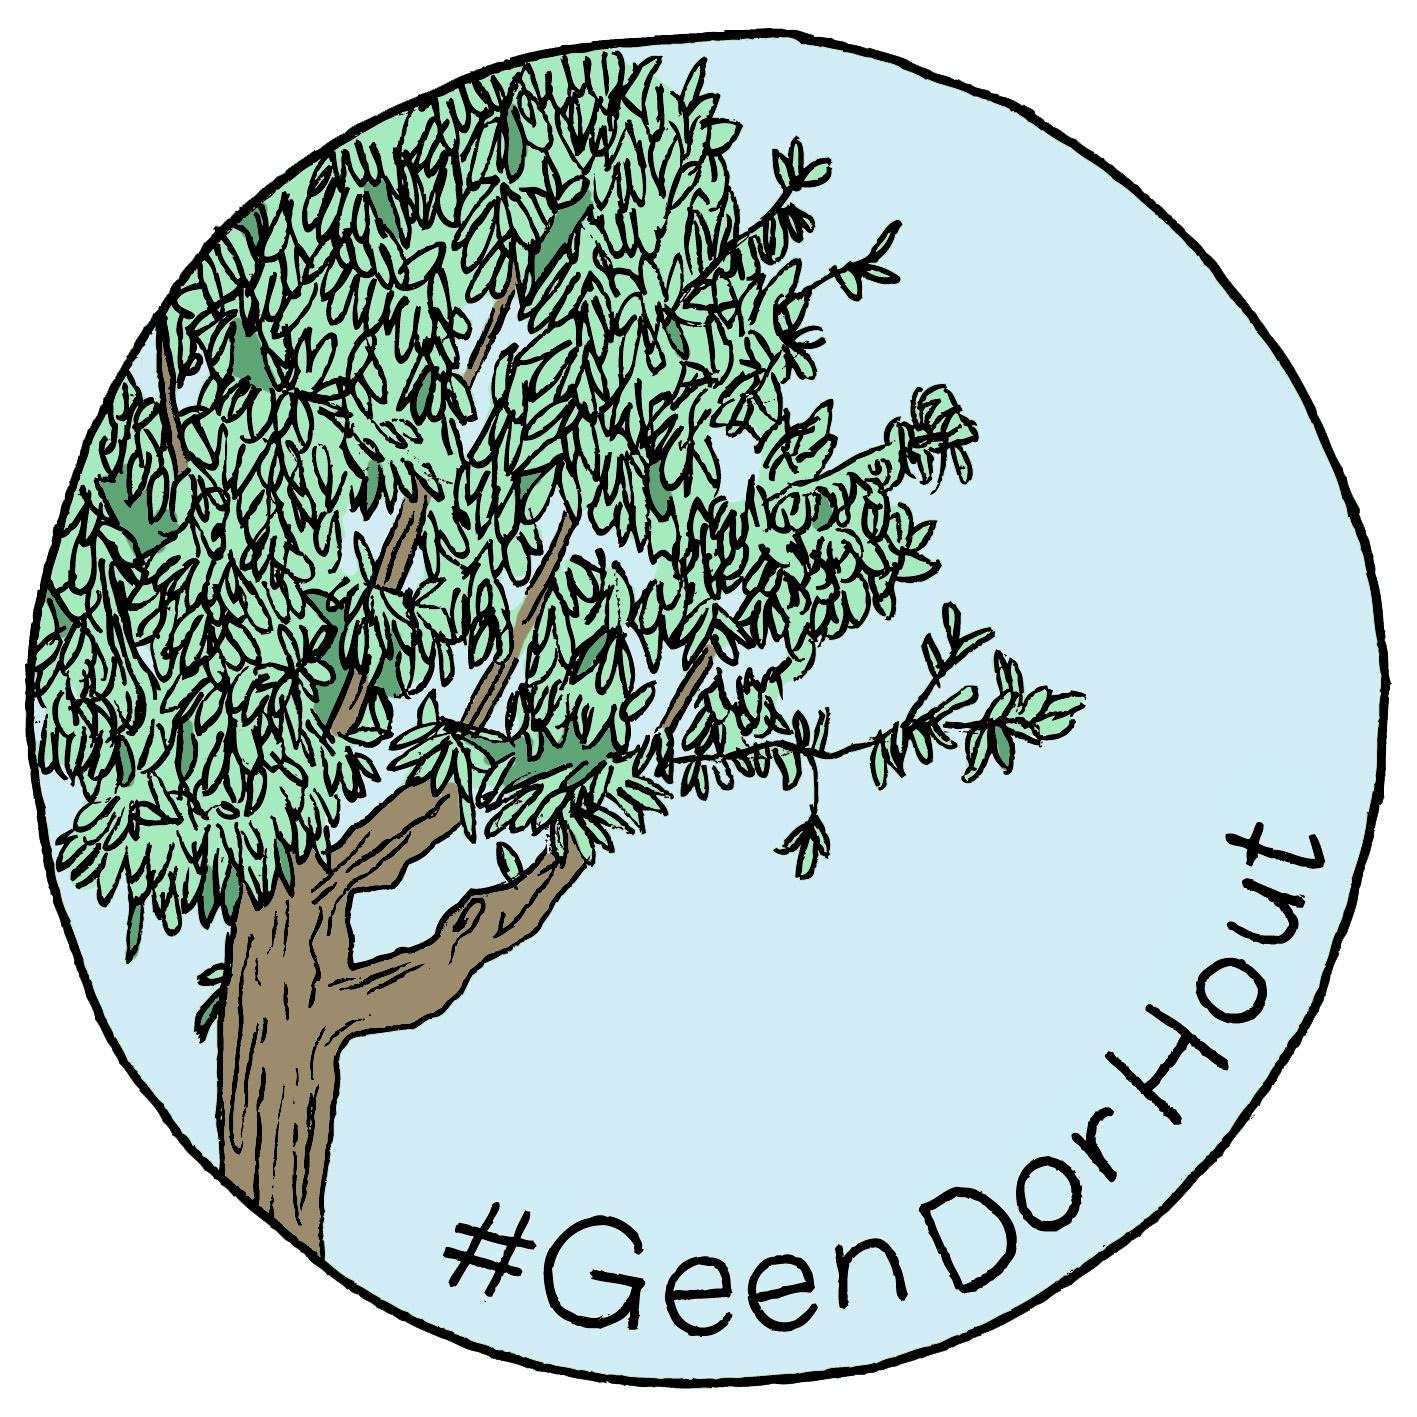 Logo van Geen Dor Hout. Een lichtblauwe cirkel op witte achtergrond. Links in de cirkel staat een boom met lichtbruine stam en takken en groene bladeren. Rechtsonder aan de rand van de cirkel staat #GeenDorHout